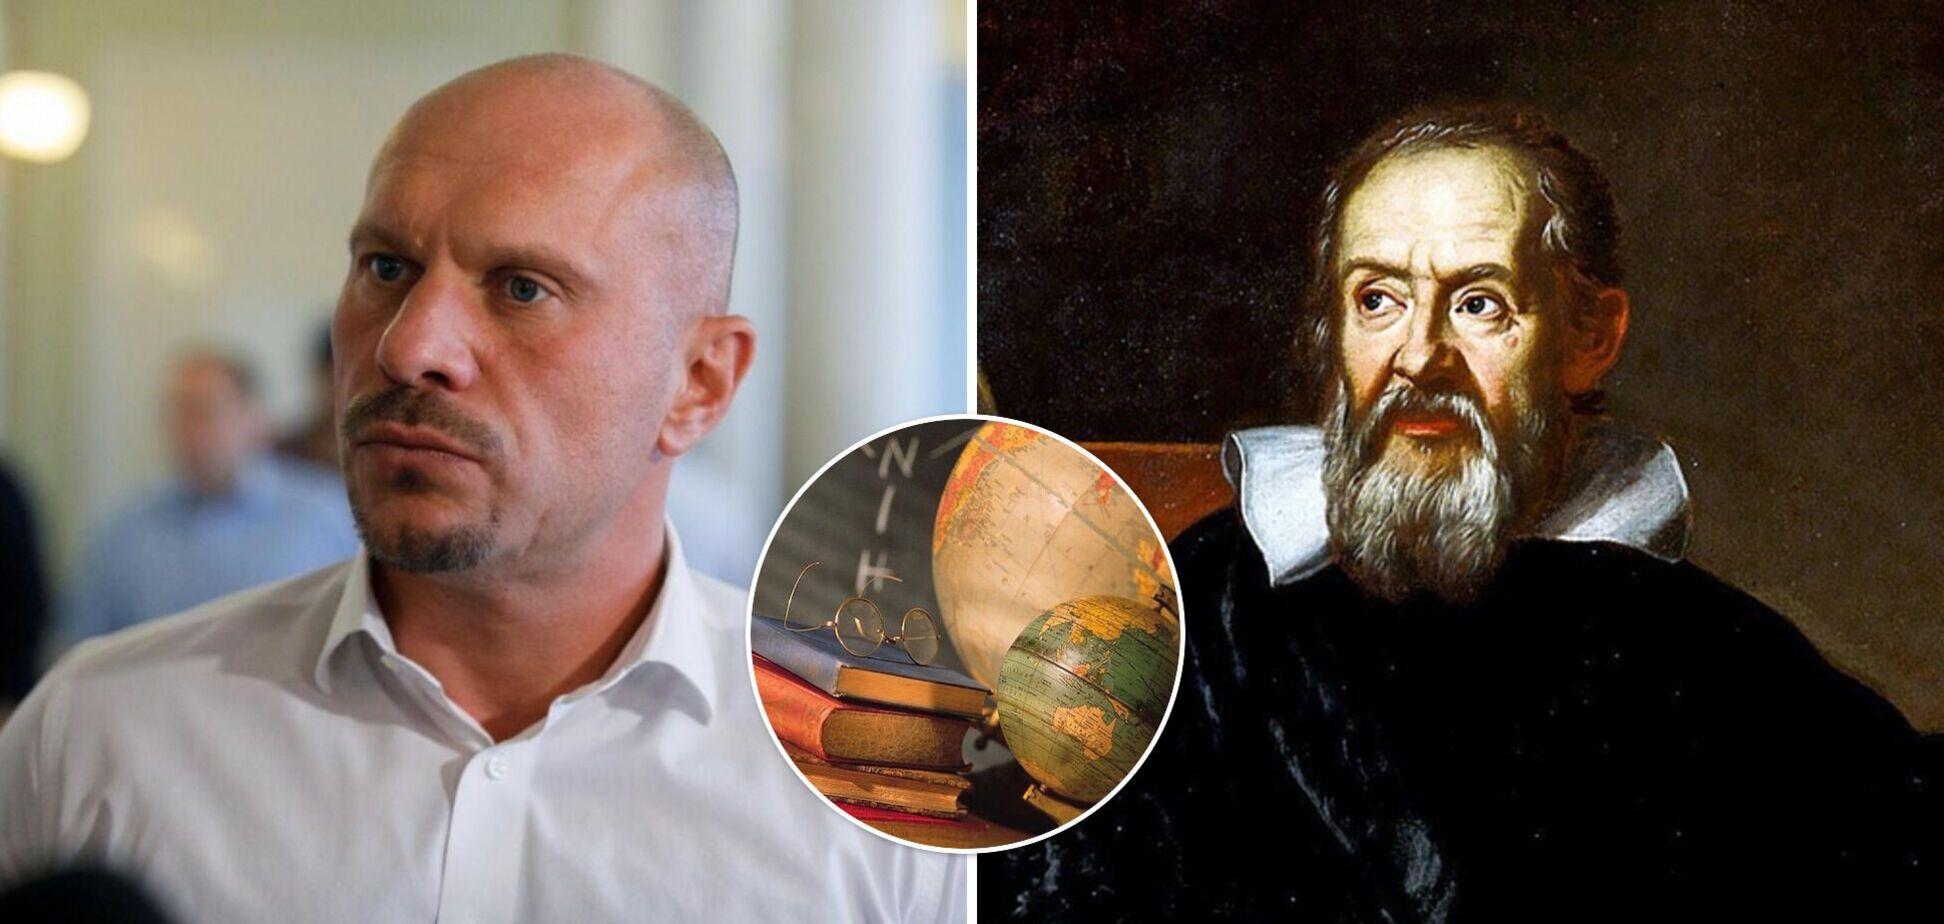 Кива у День науки прирівняв себе до Коперника та Галілея: у мережі відреагували